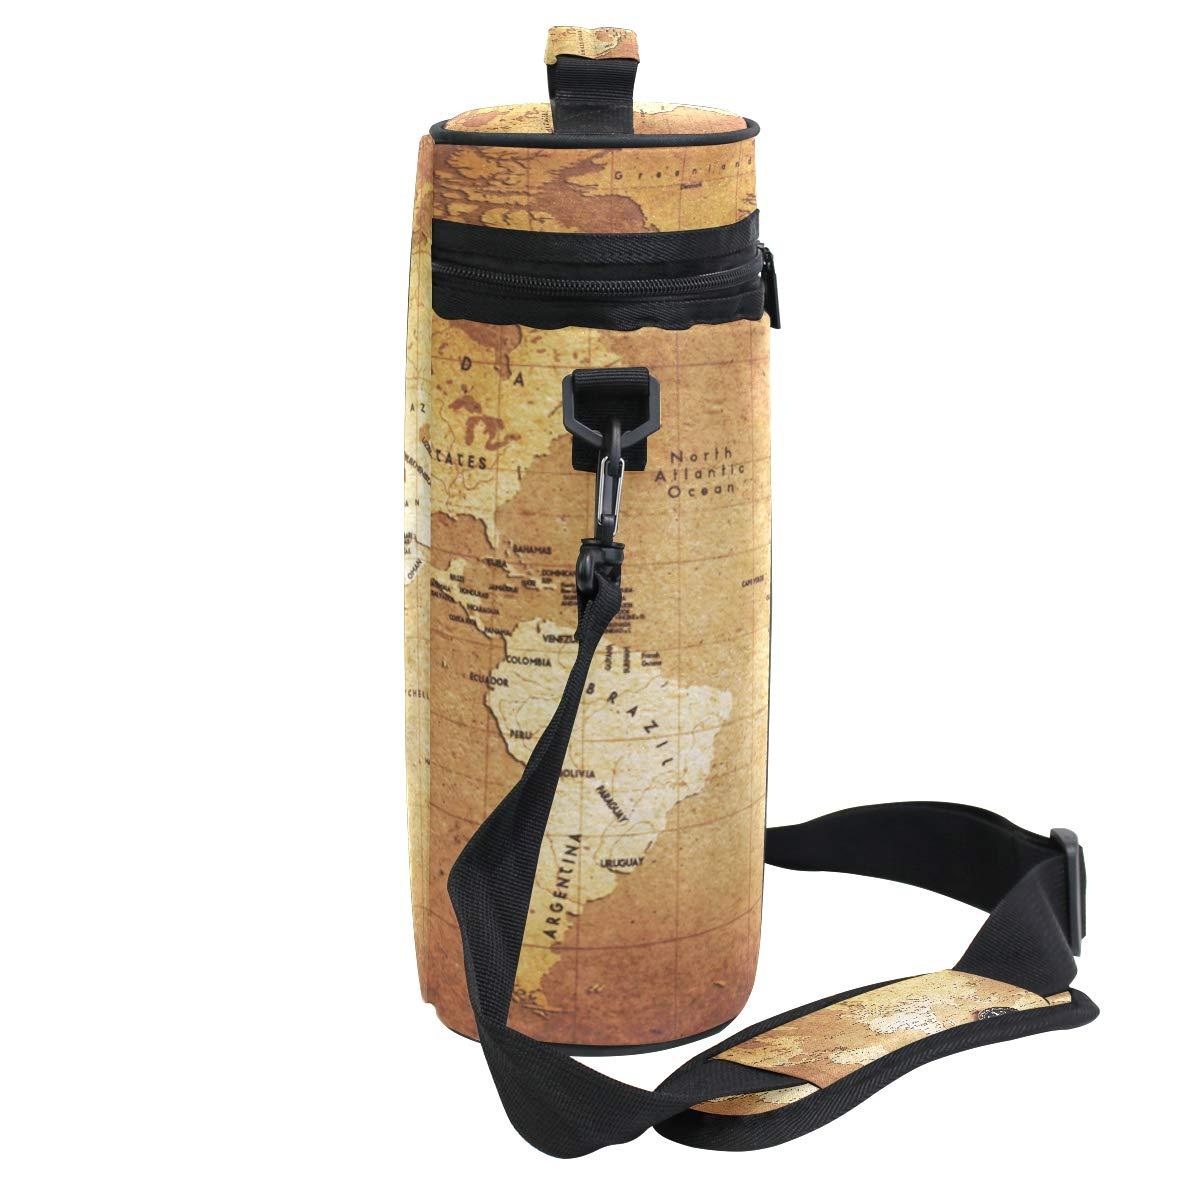 Coosun - Bolsa térmica para botella de vino con asa y correa ajustable para el hombro: Amazon.es: Hogar